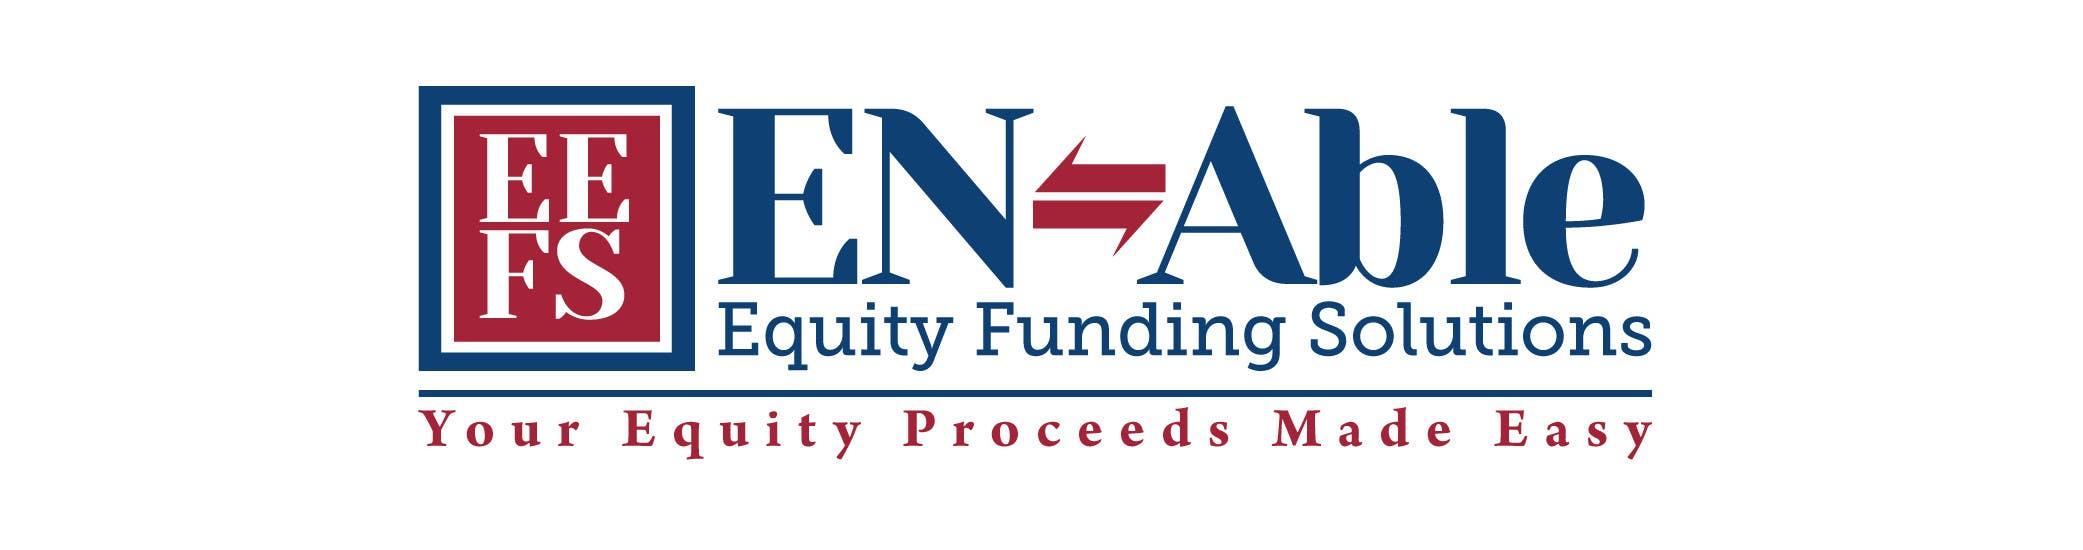 Bài tham dự cuộc thi #                                        49                                      cho                                         Design a Logo for EN-Able Equity Funding Solutions (Pty) Ltd